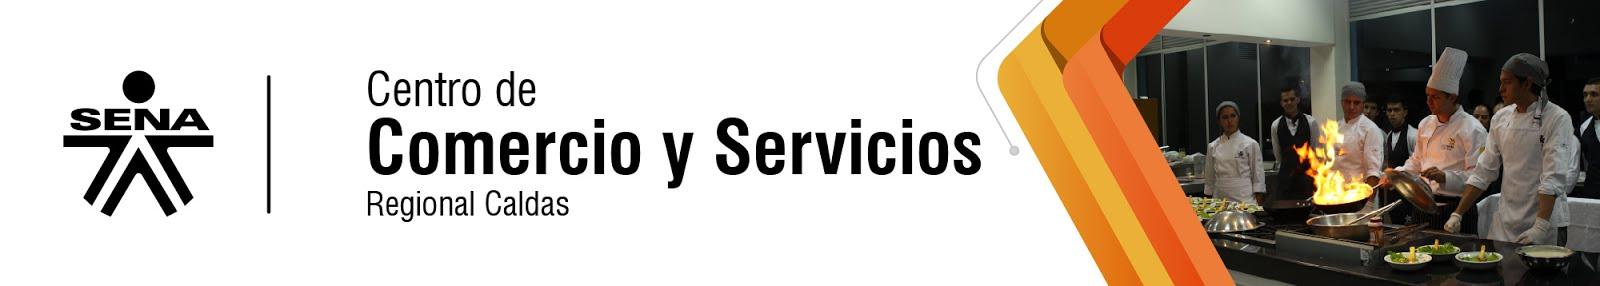 Centro de Comercio y Servicios - SENA Regional Caldas